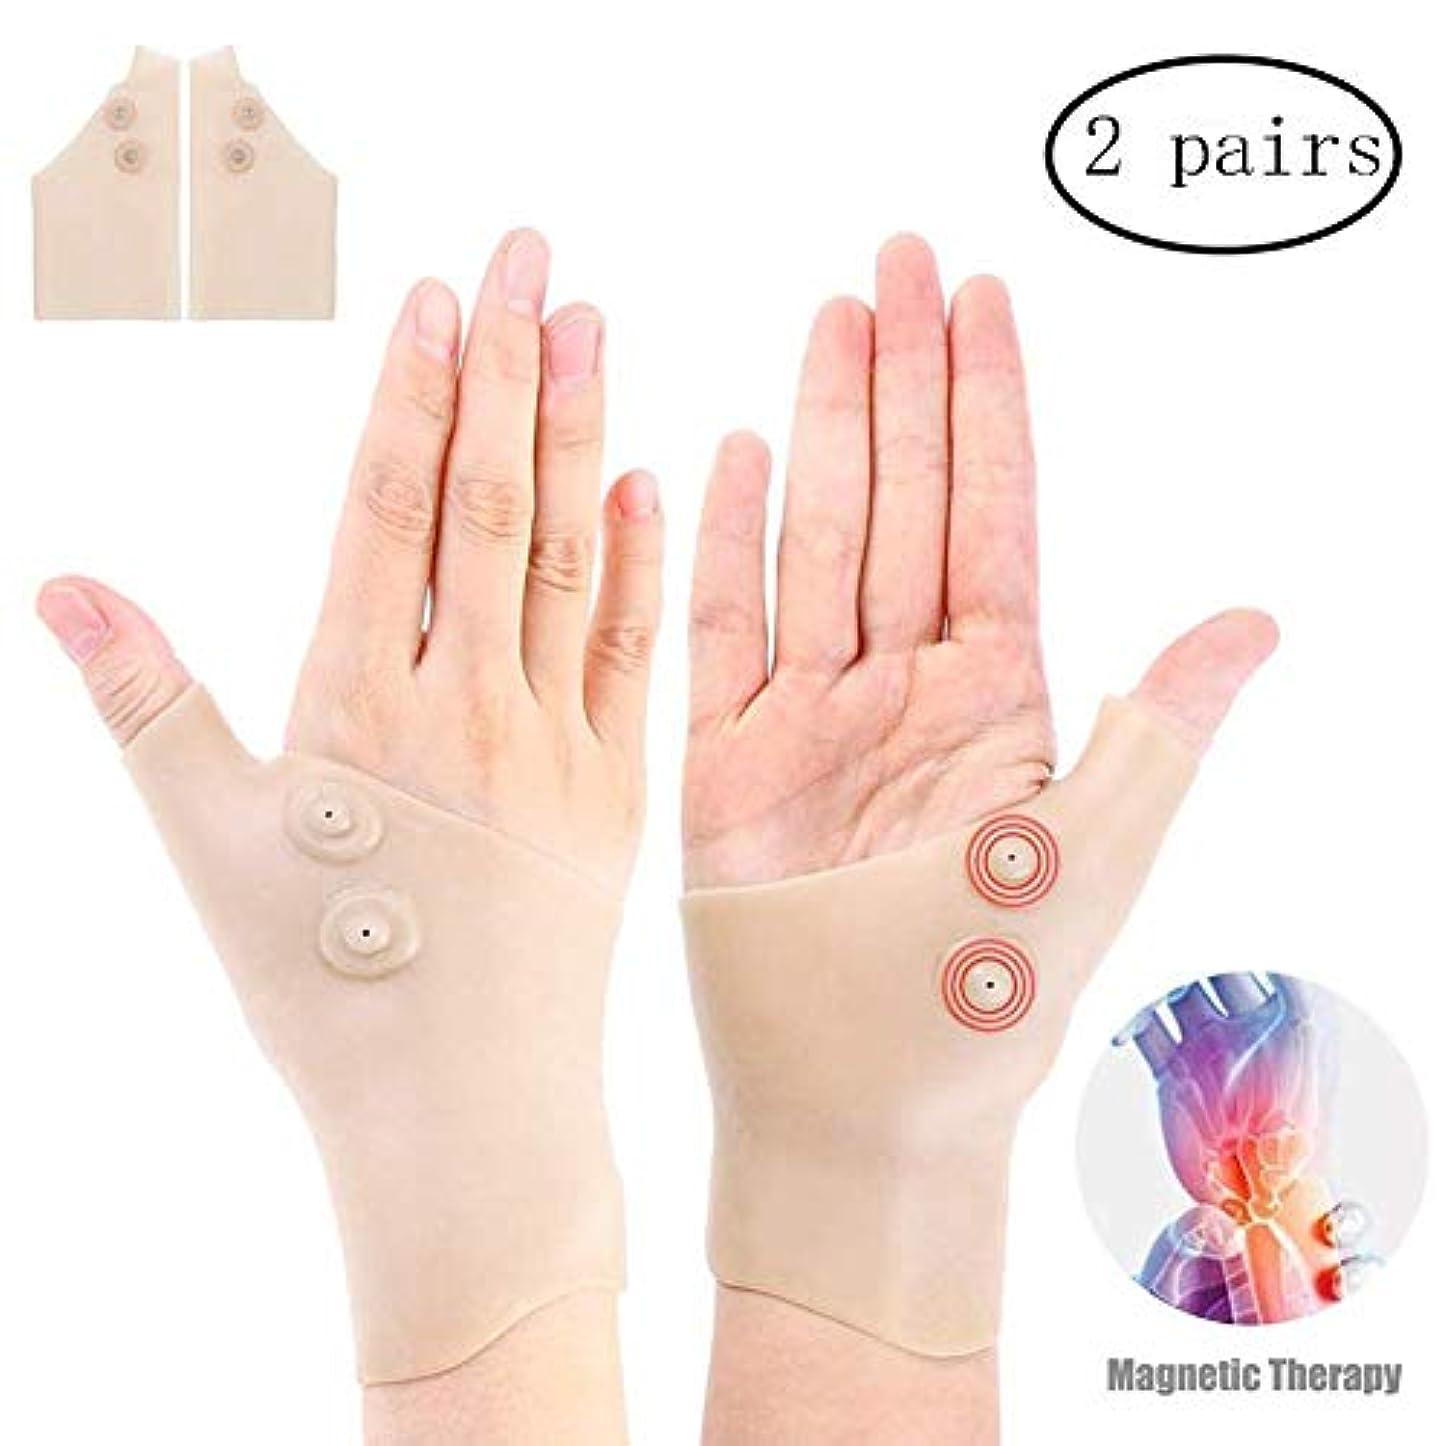 ディスコ優先権変更可能関節炎ハンドコンプレッショングローブ、磁気通気性ゲル手首親指ブレース痛み緩和ハンドグローブ、手根管用、コンピュータータイピング(2ペア)